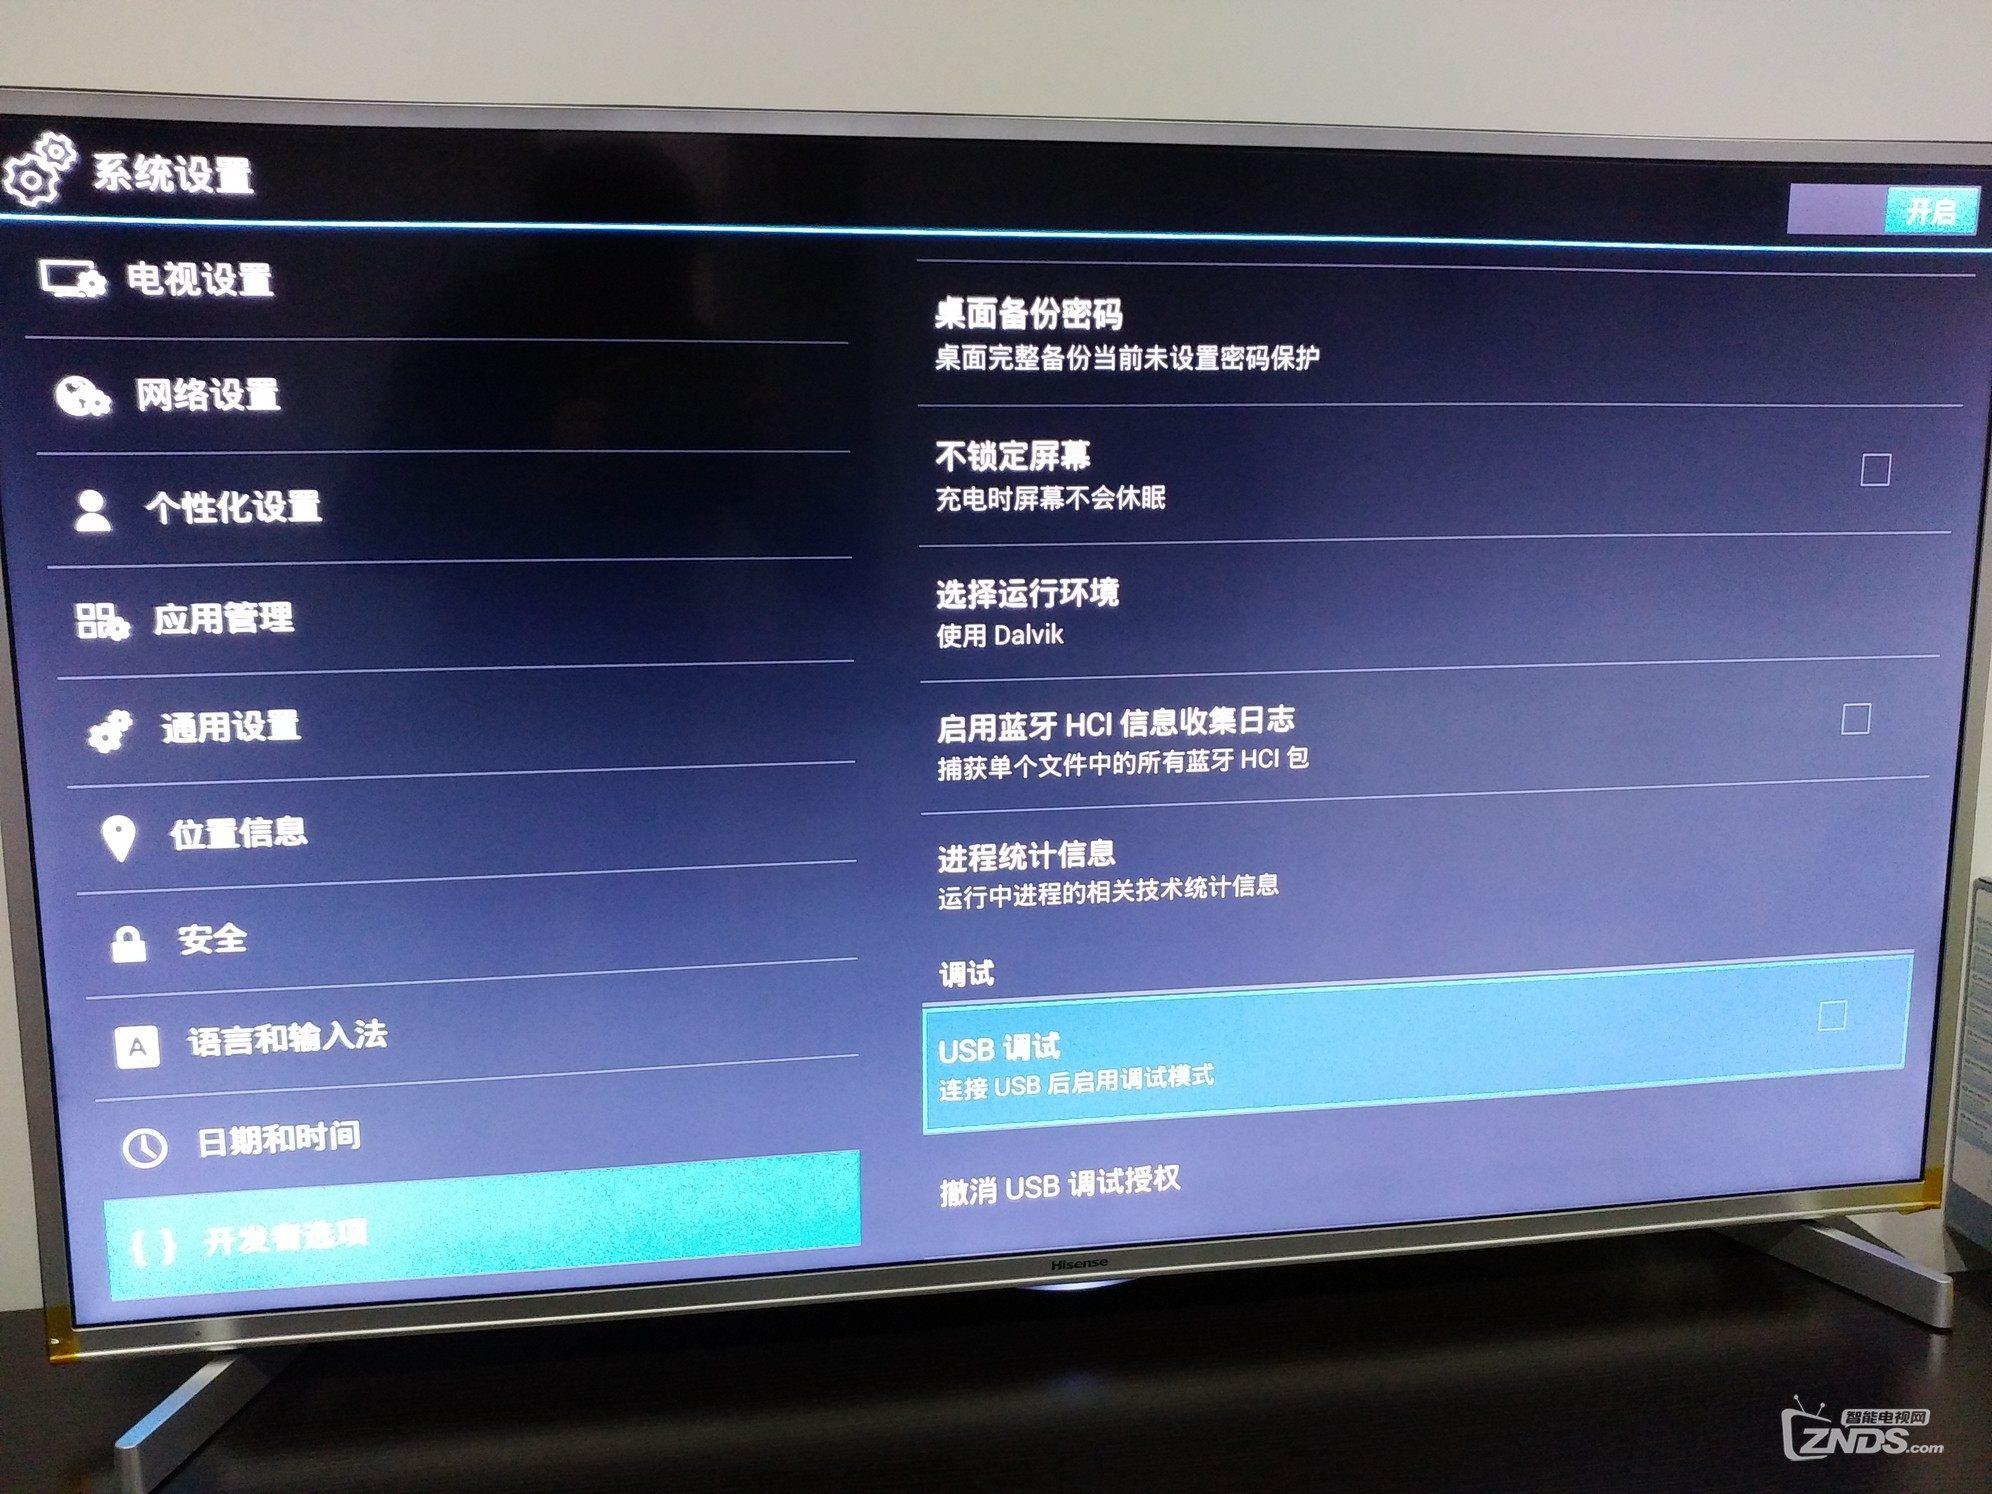 海信电视怎么进入工厂模式开启ADB调试?详细教程!